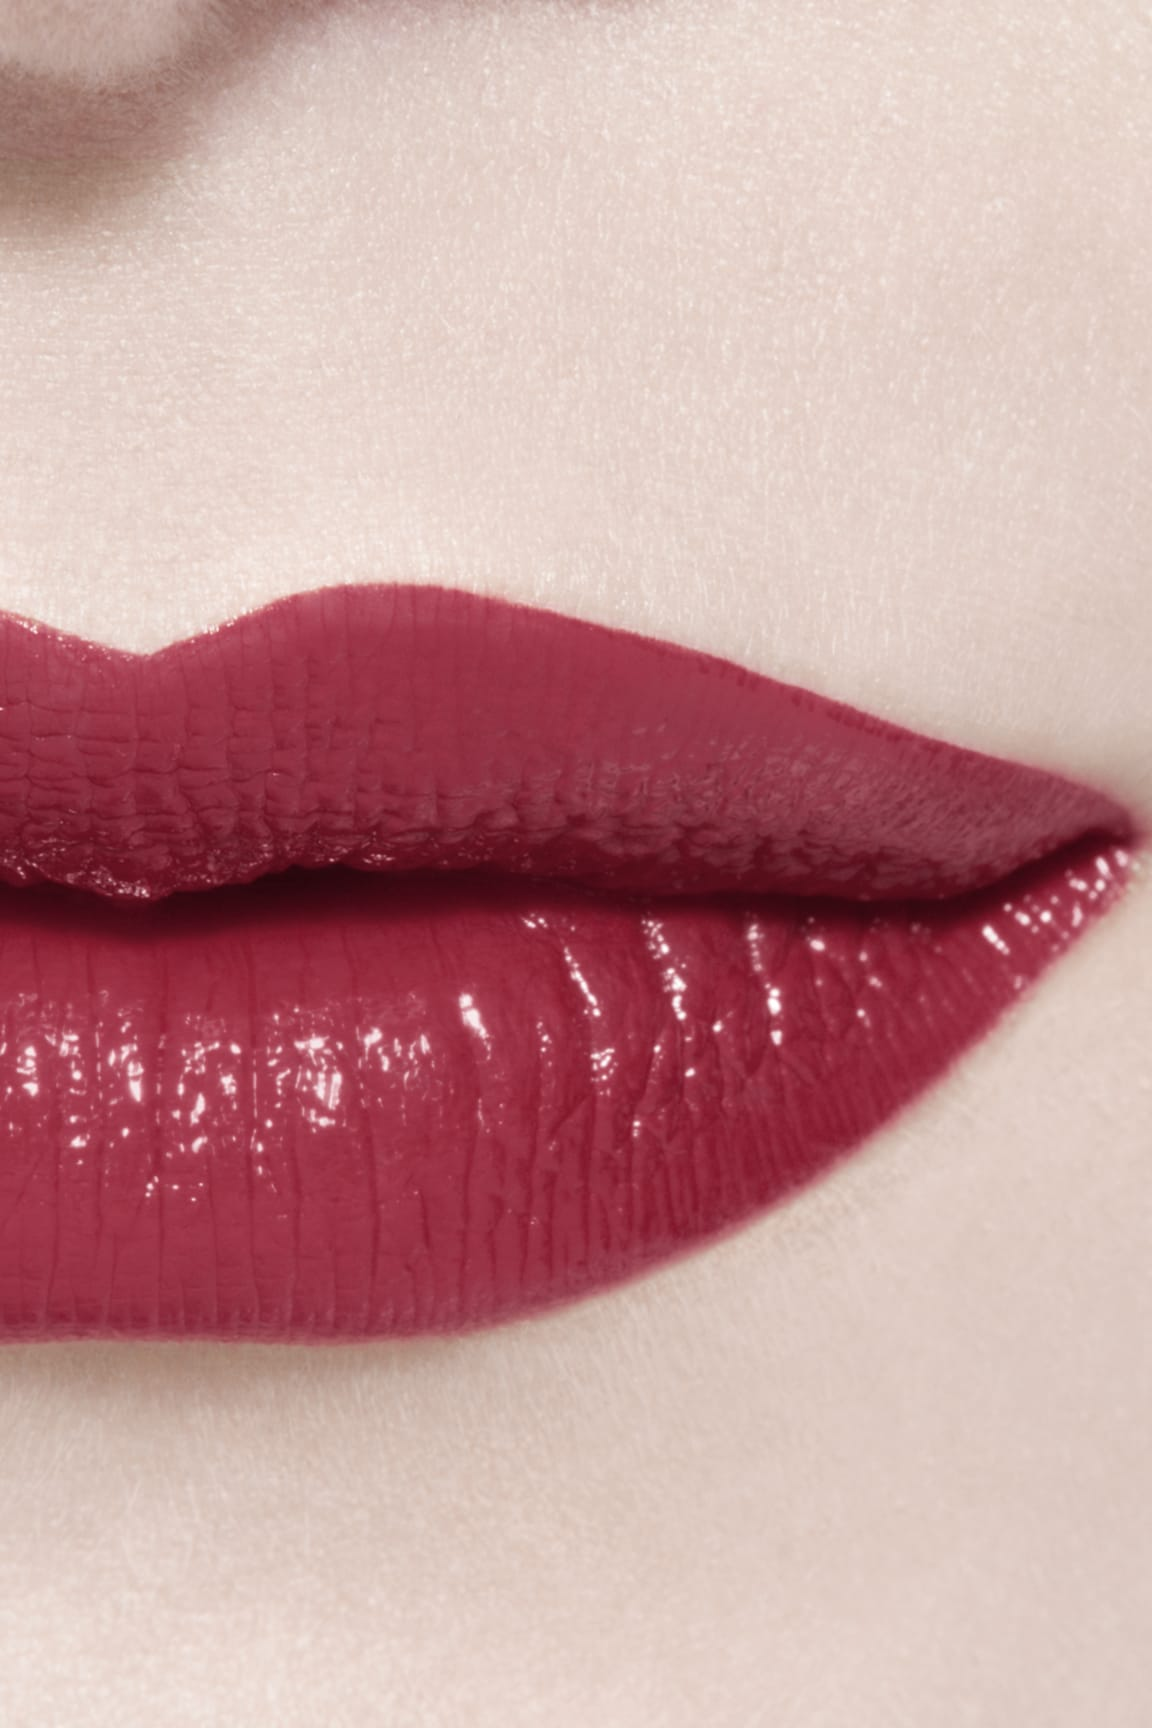 Imagen aplicación de maquillaje 3 - ROUGE ALLURE LAQUE 66 - PERMANENT